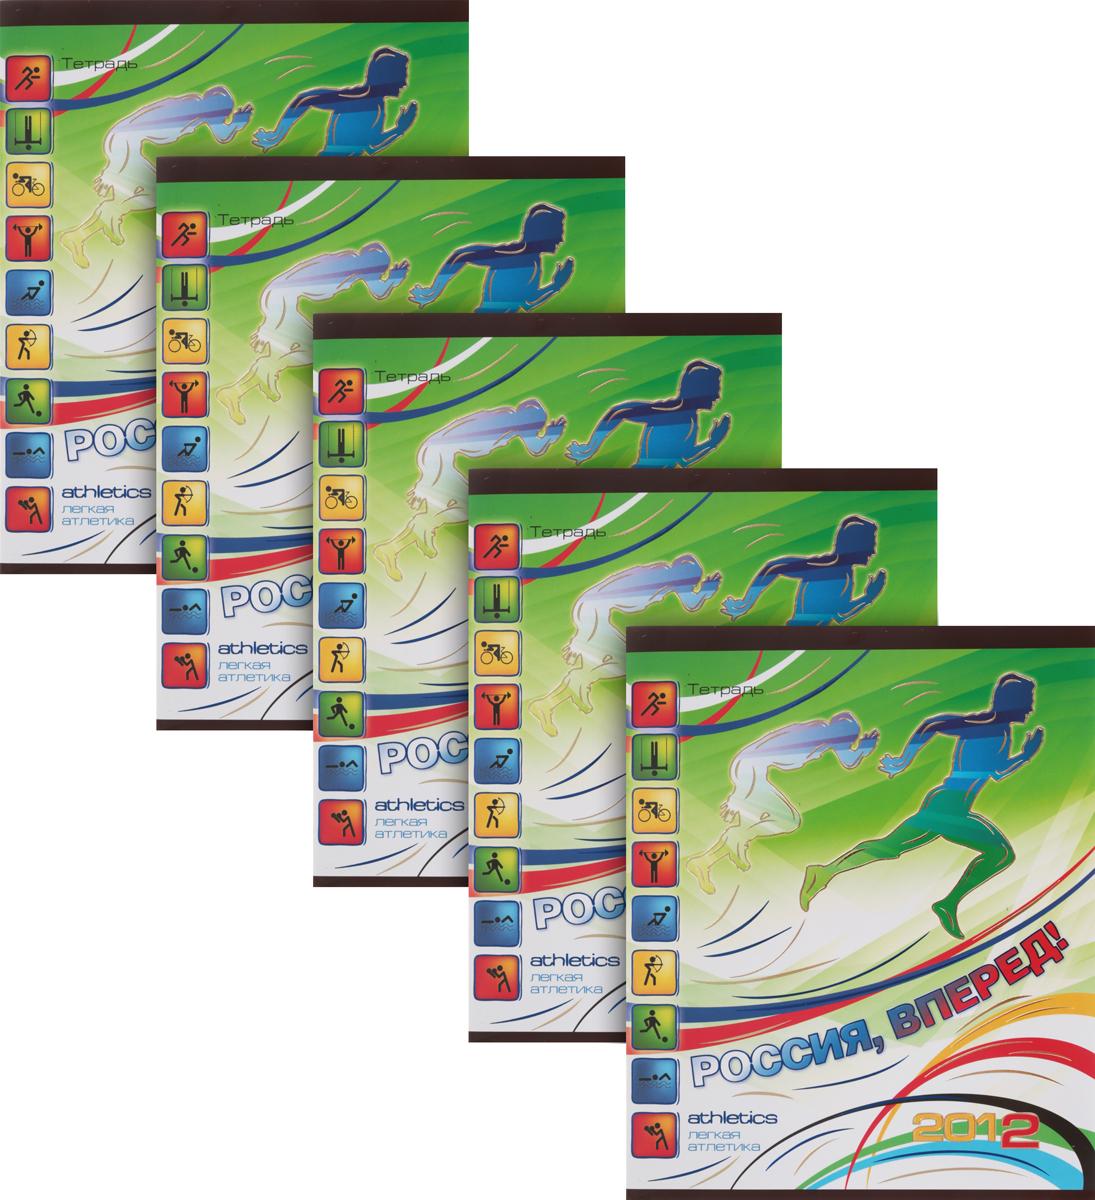 КТС-Про Набор тетрадей Россия вперед! Легкая атлетика 48 листов в клетку 5 штС1850-00_легкая атлетикаКомплект общих тетрадей из 5 штук Россия, вперед! - 48 листов, формат А5. Внутренний блок - высокачественная офсетная бумага. Линовка в стандартную голубую клетку, поля красного цвета. Обложка - мелованный картон, двойное тиснение фольгой, выборочная лакировка.